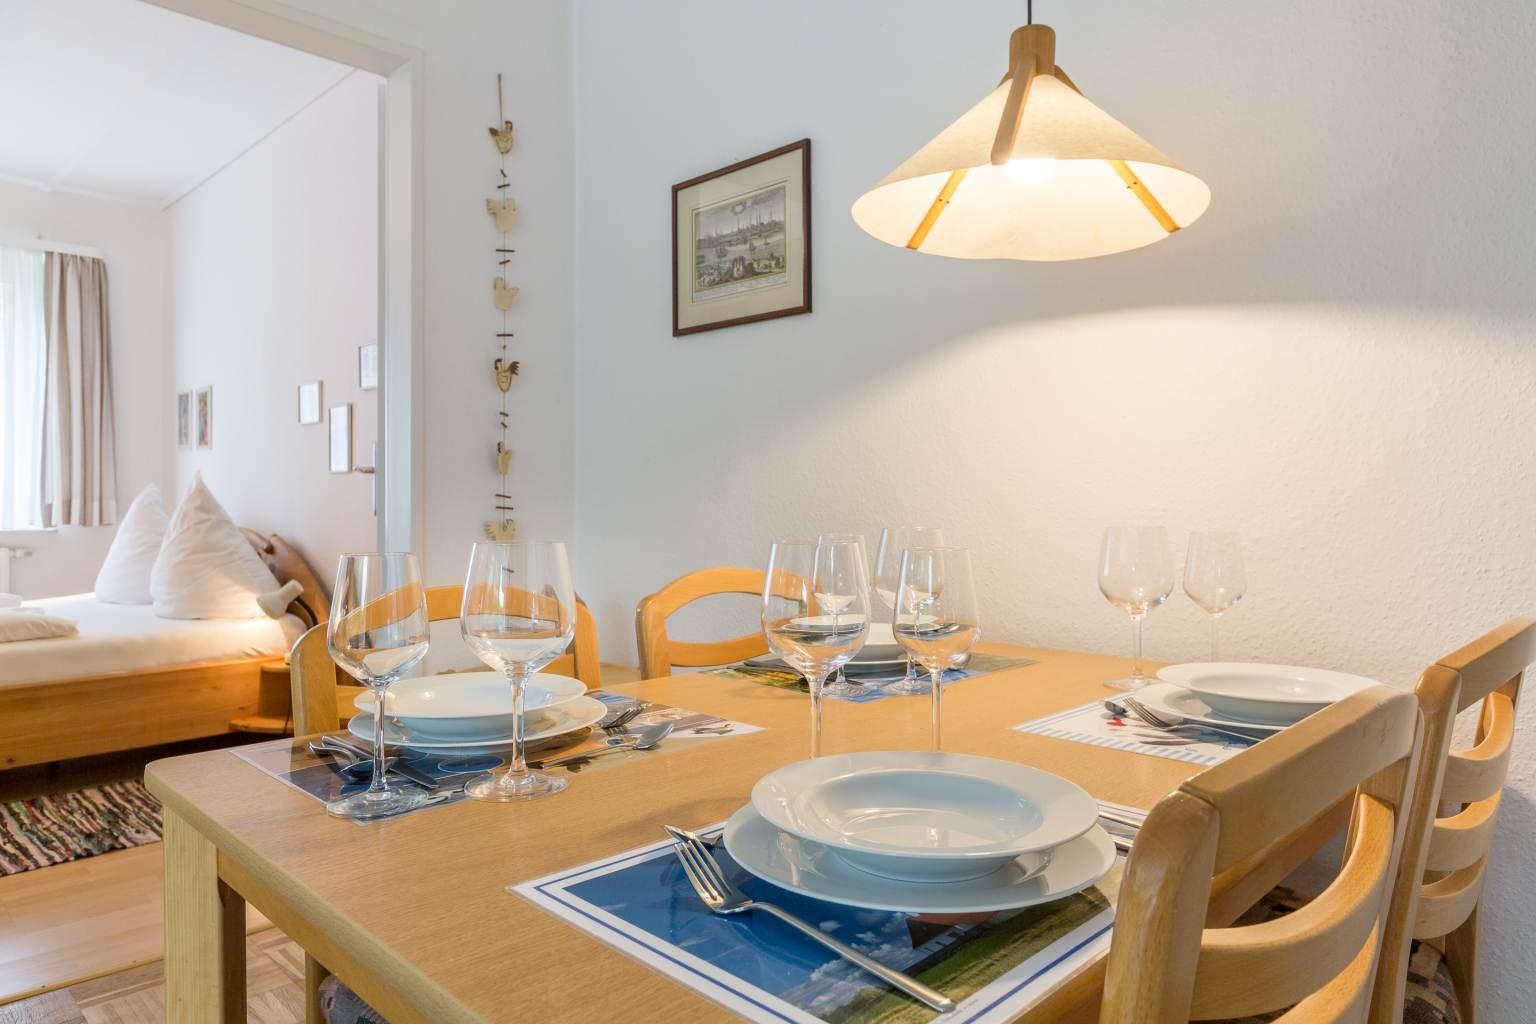 Küche - St Peter Ording Boehl, Haus Kuhsteig 15, Wohnung EG Lebender